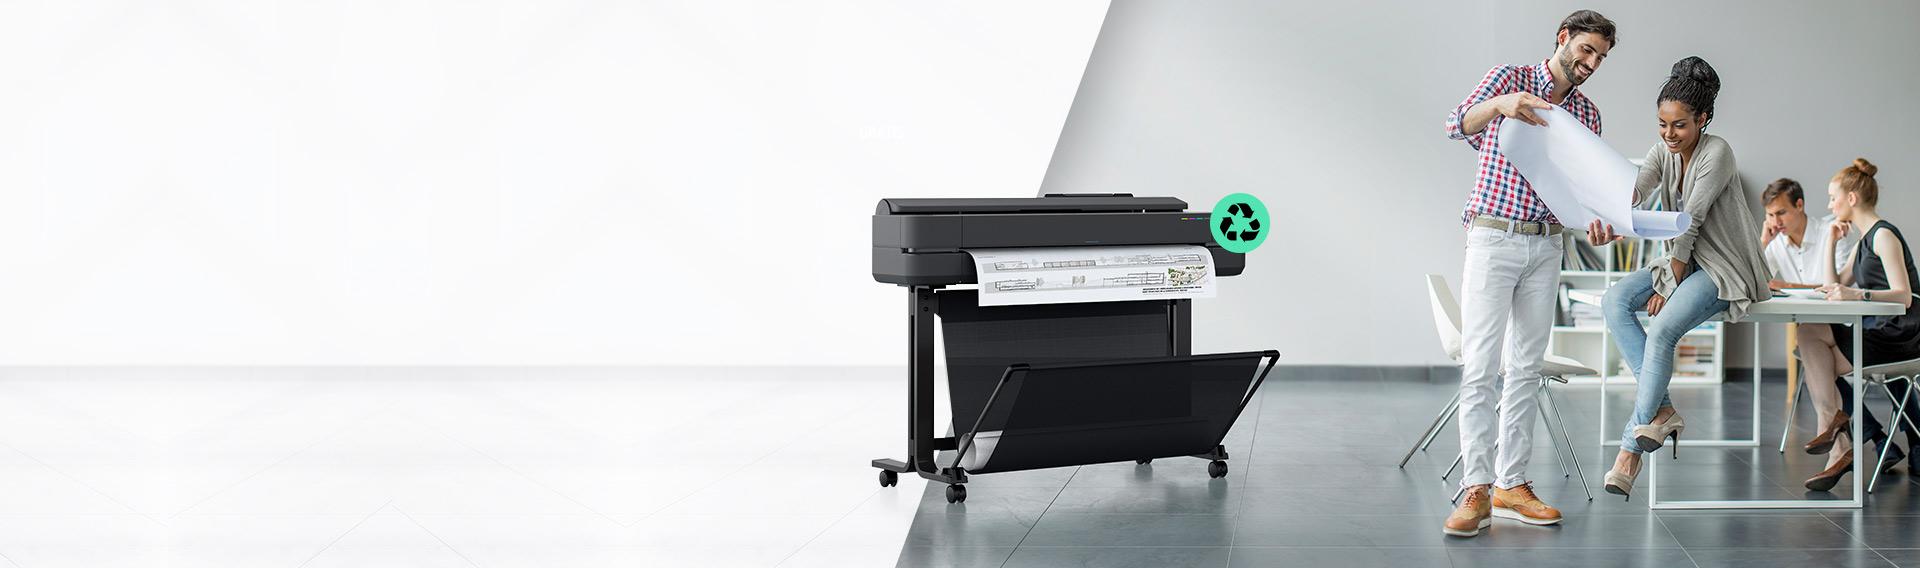 Nueva Serie HP Designjet los plotters más pequeños del mundo.